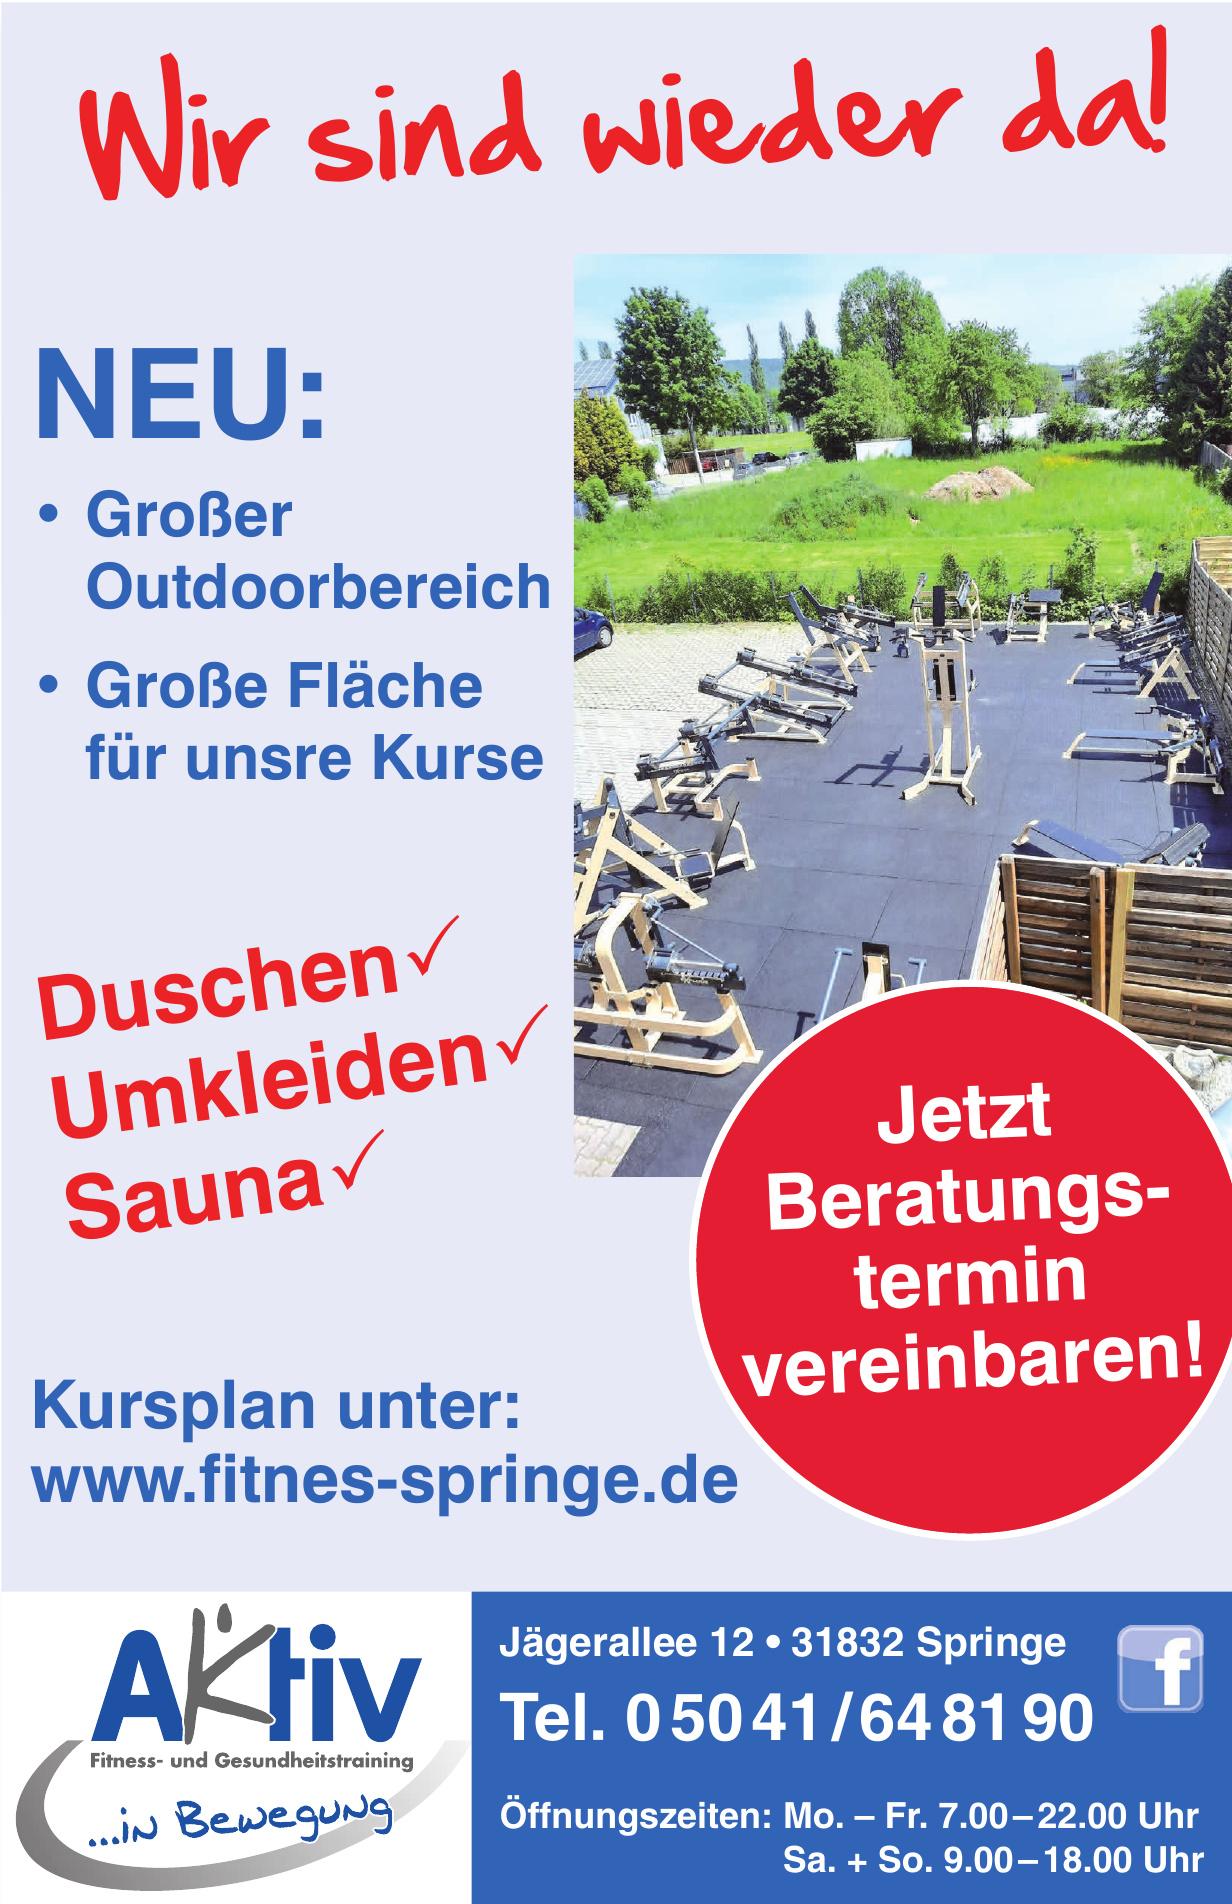 Aktiv Fitness- und Gesundheitstraining